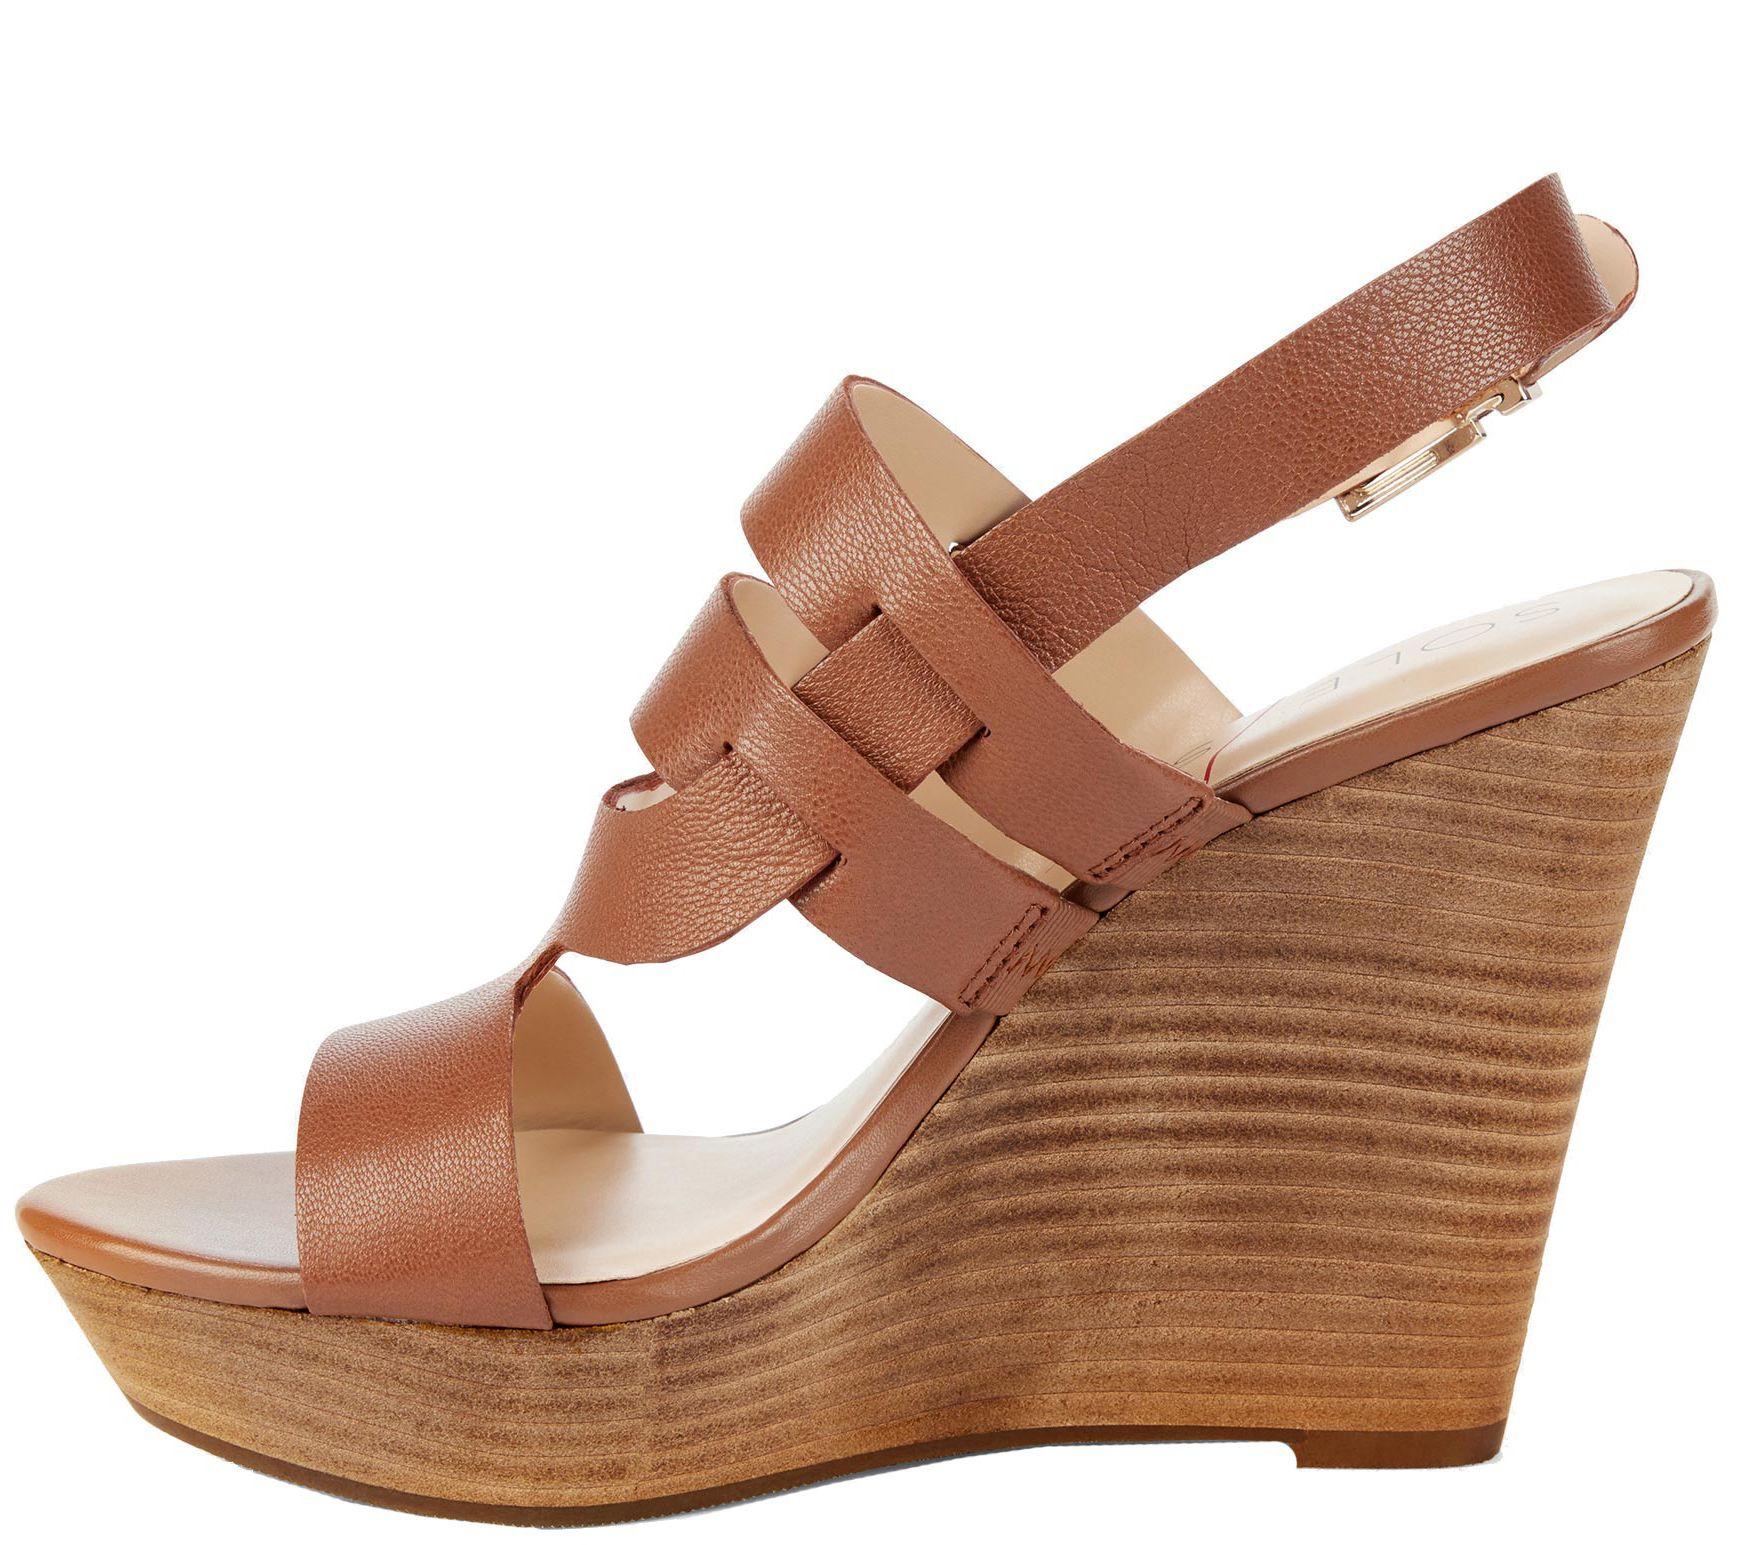 68c857fc5e79 Sole Society Platform Wedge Sandals - Jenny — QVC.com